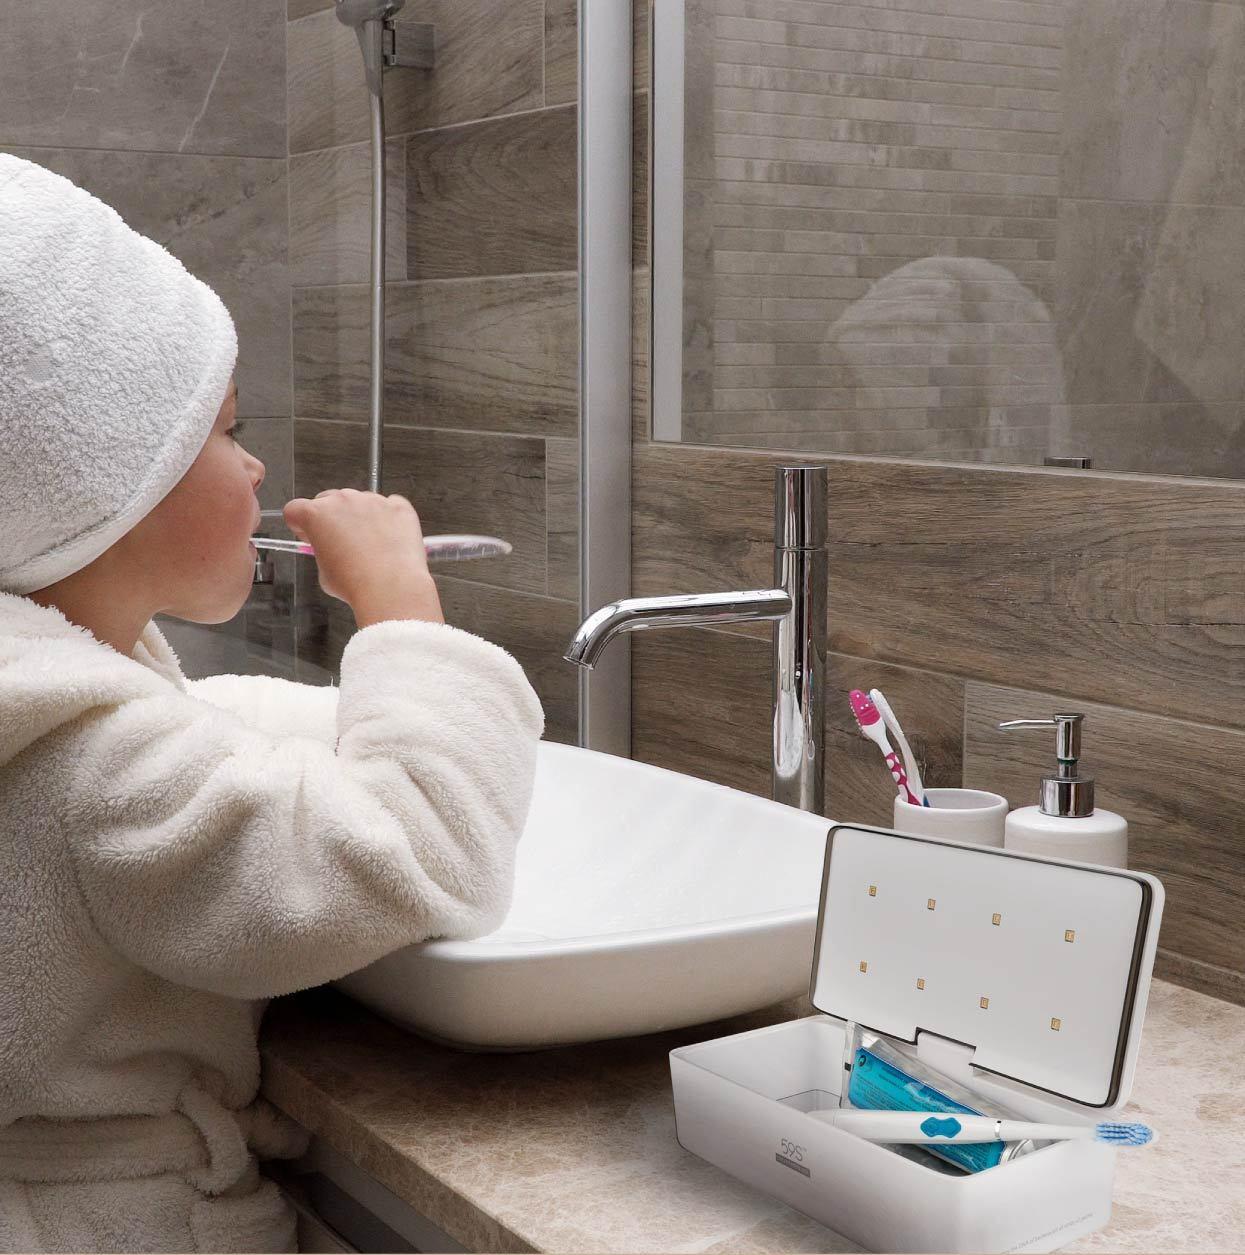 Hộp khử trùng bề mặt khẩu trang/ điện thoại/ kính sát tròng bằng tia UV LED công suất cao tiêu diệt tới 99.99% vi khuẩn/virút 59s